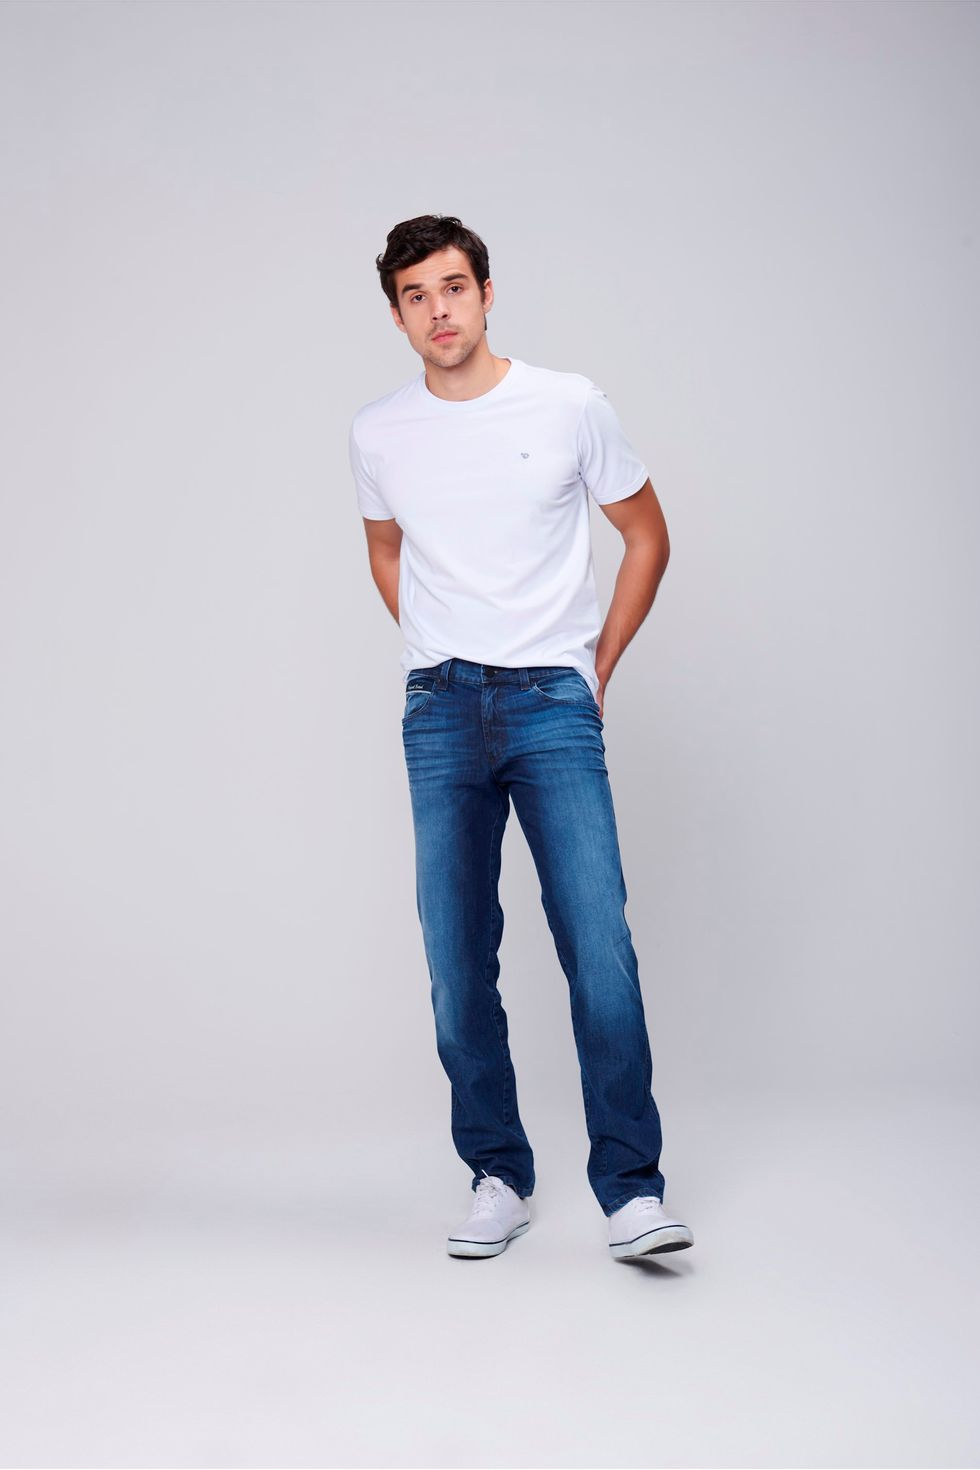 Calca-Jeans-Justa-Relevo-Bolso-Masculina-Frente--